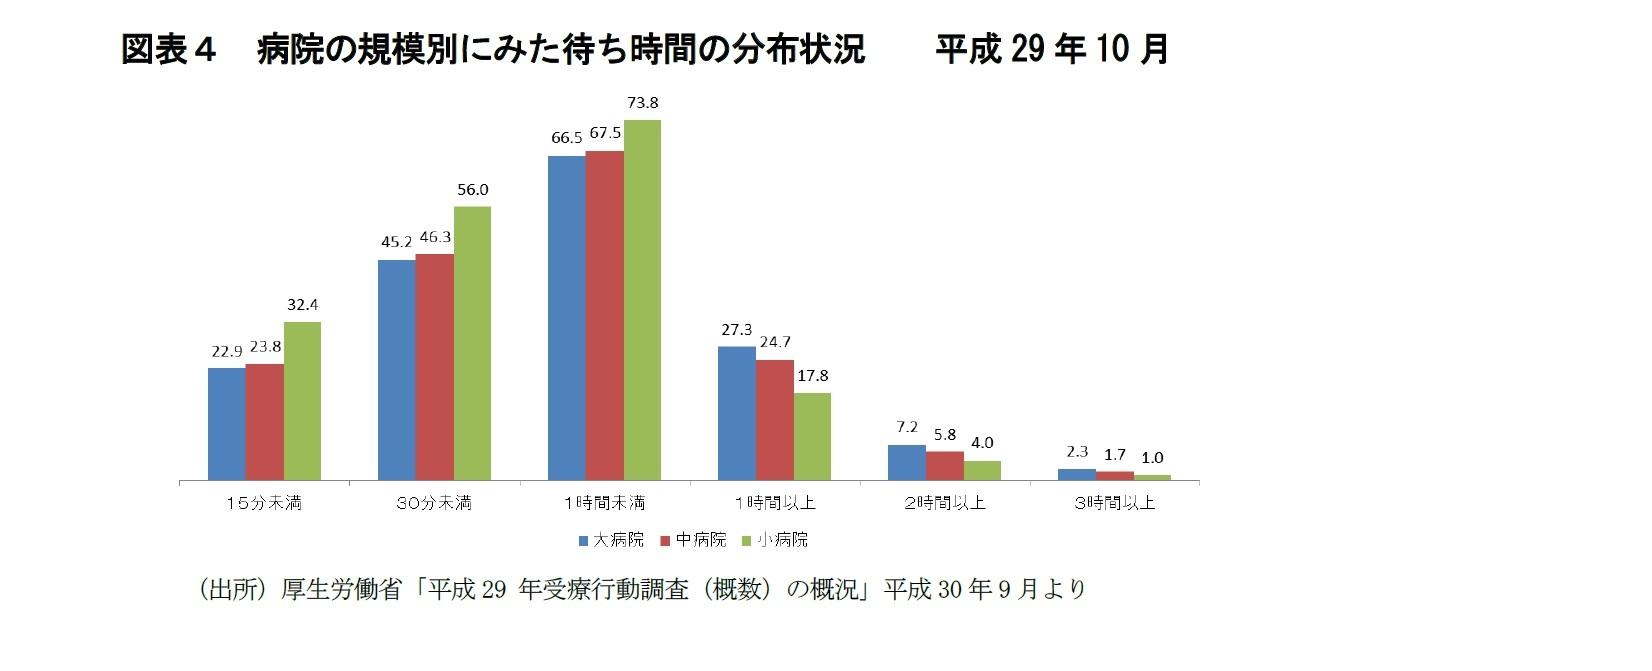 図表4 病院の規模別にみた待ち時間の分布状況  平成29年10月